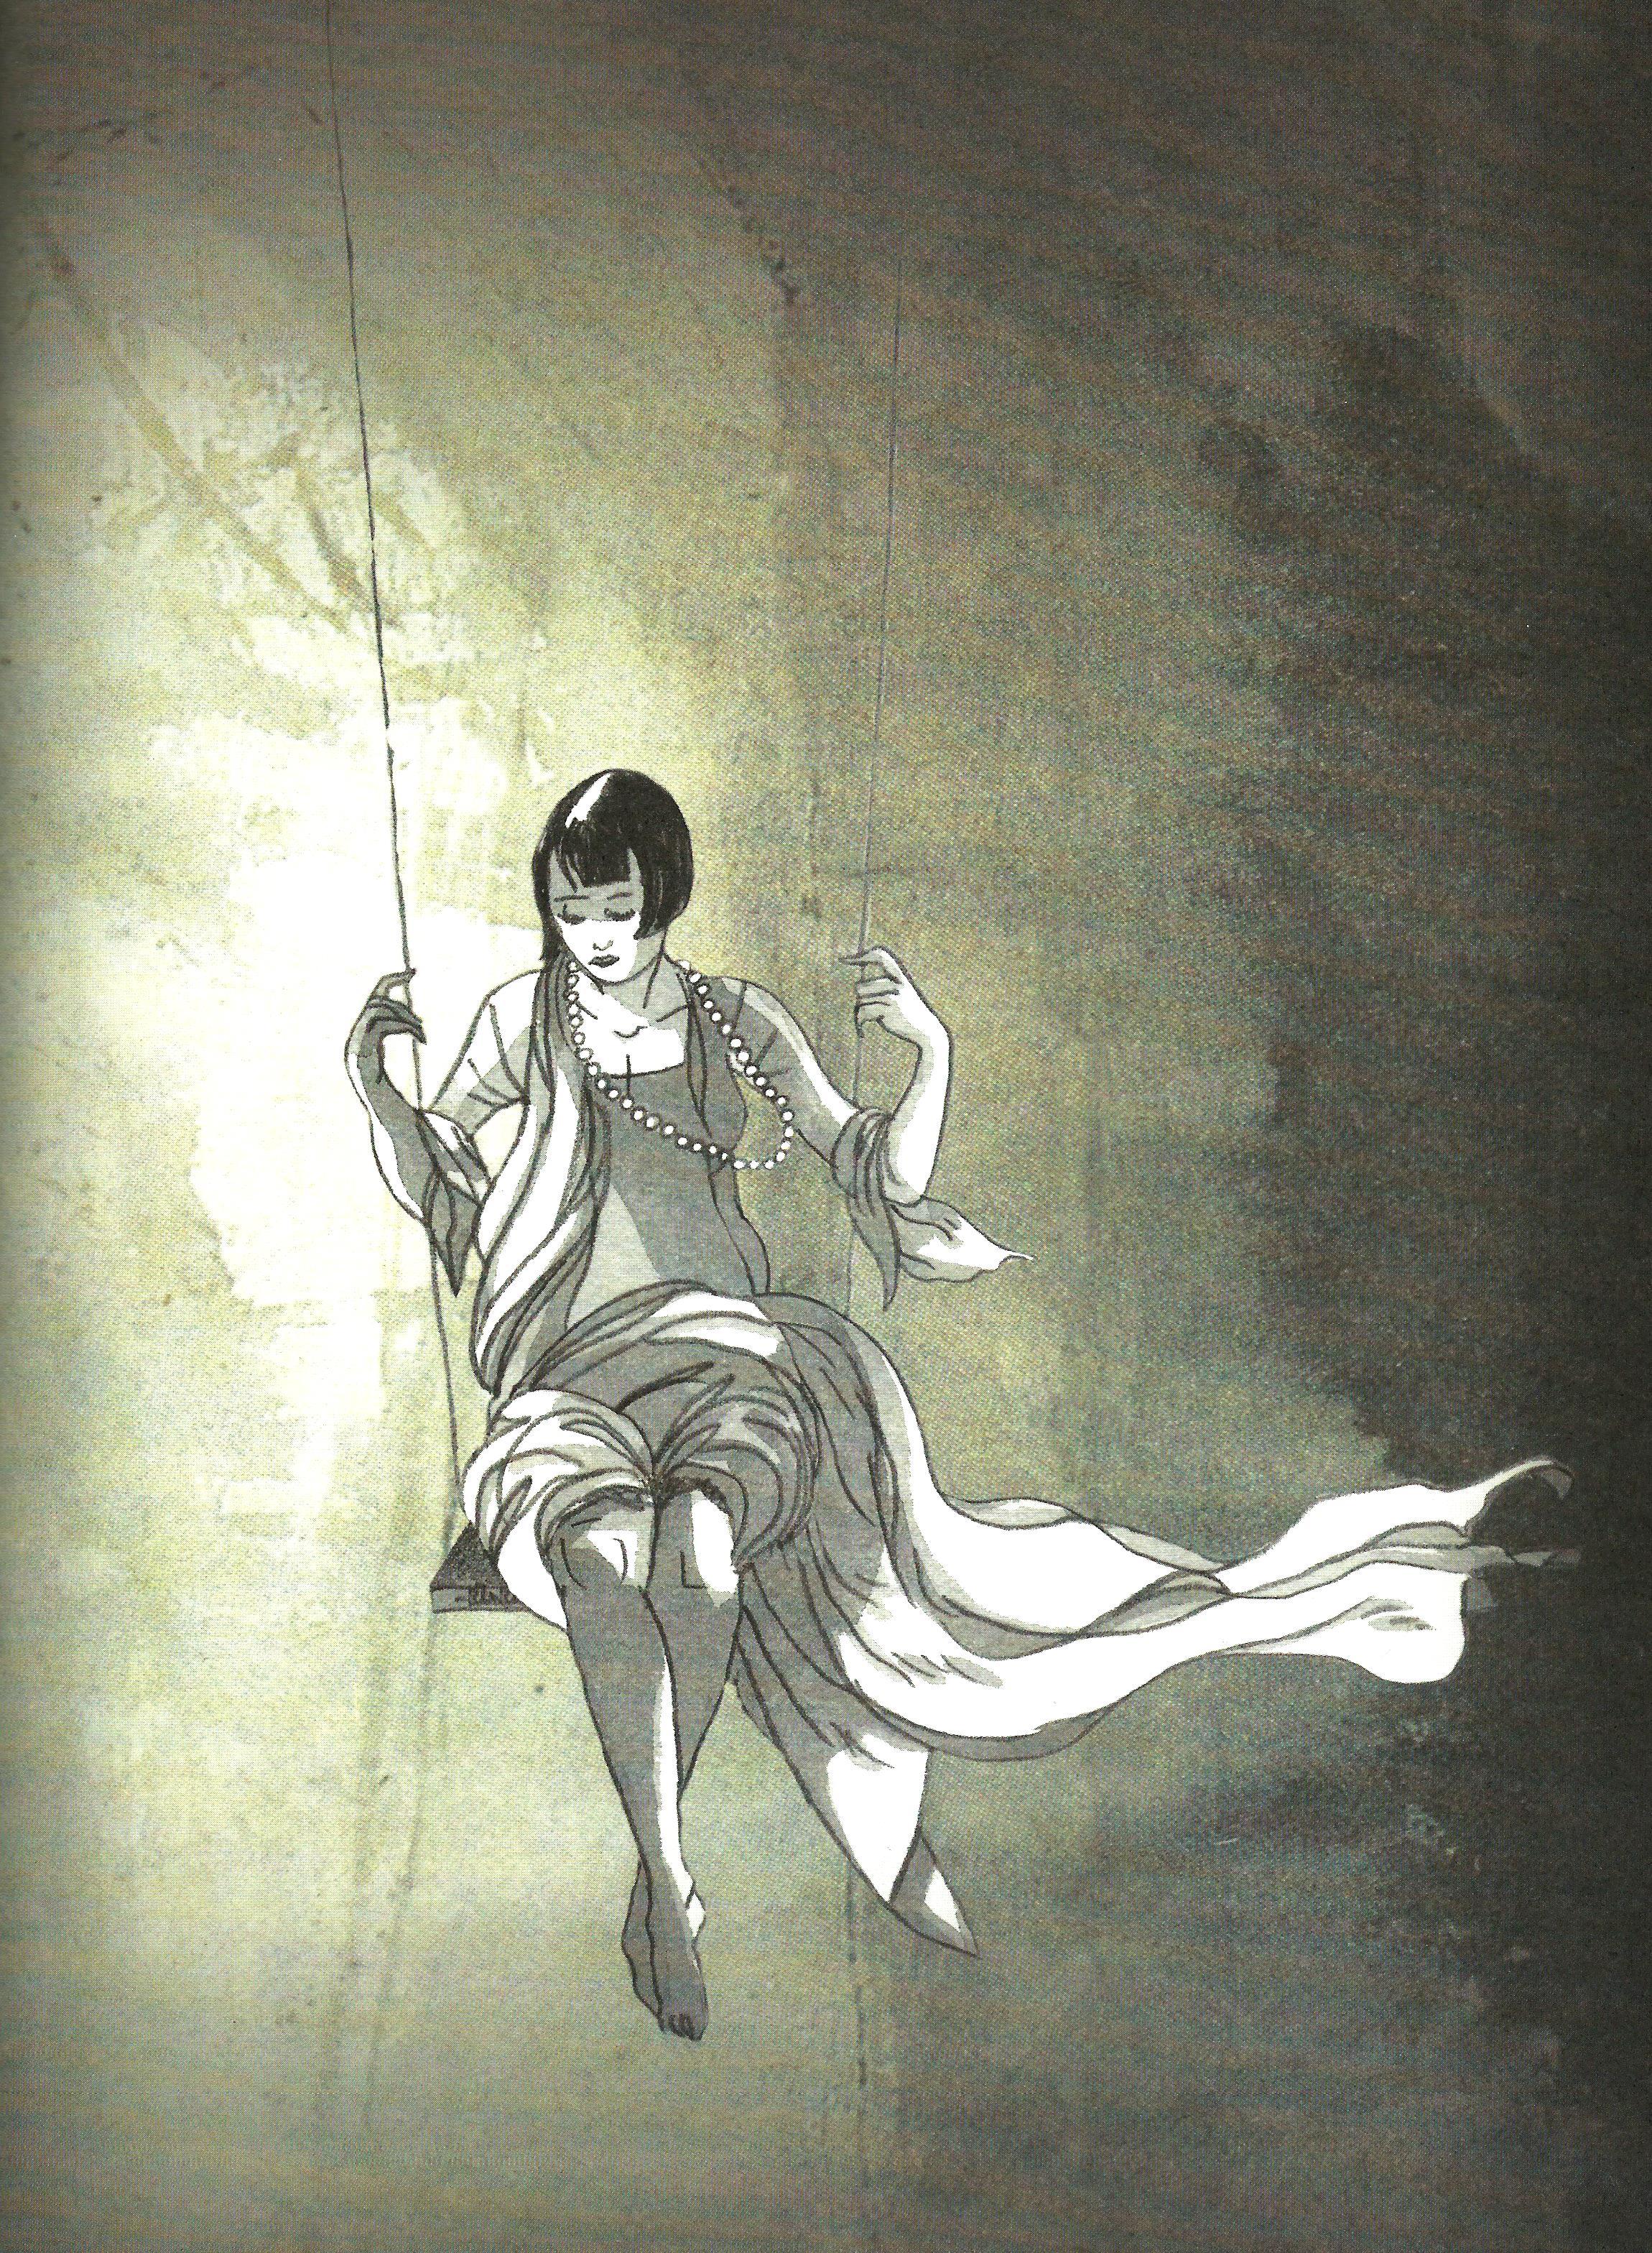 Louise - Le venin du serpent - Van Den Heuvel - Alessandra - Balancoire suspendue